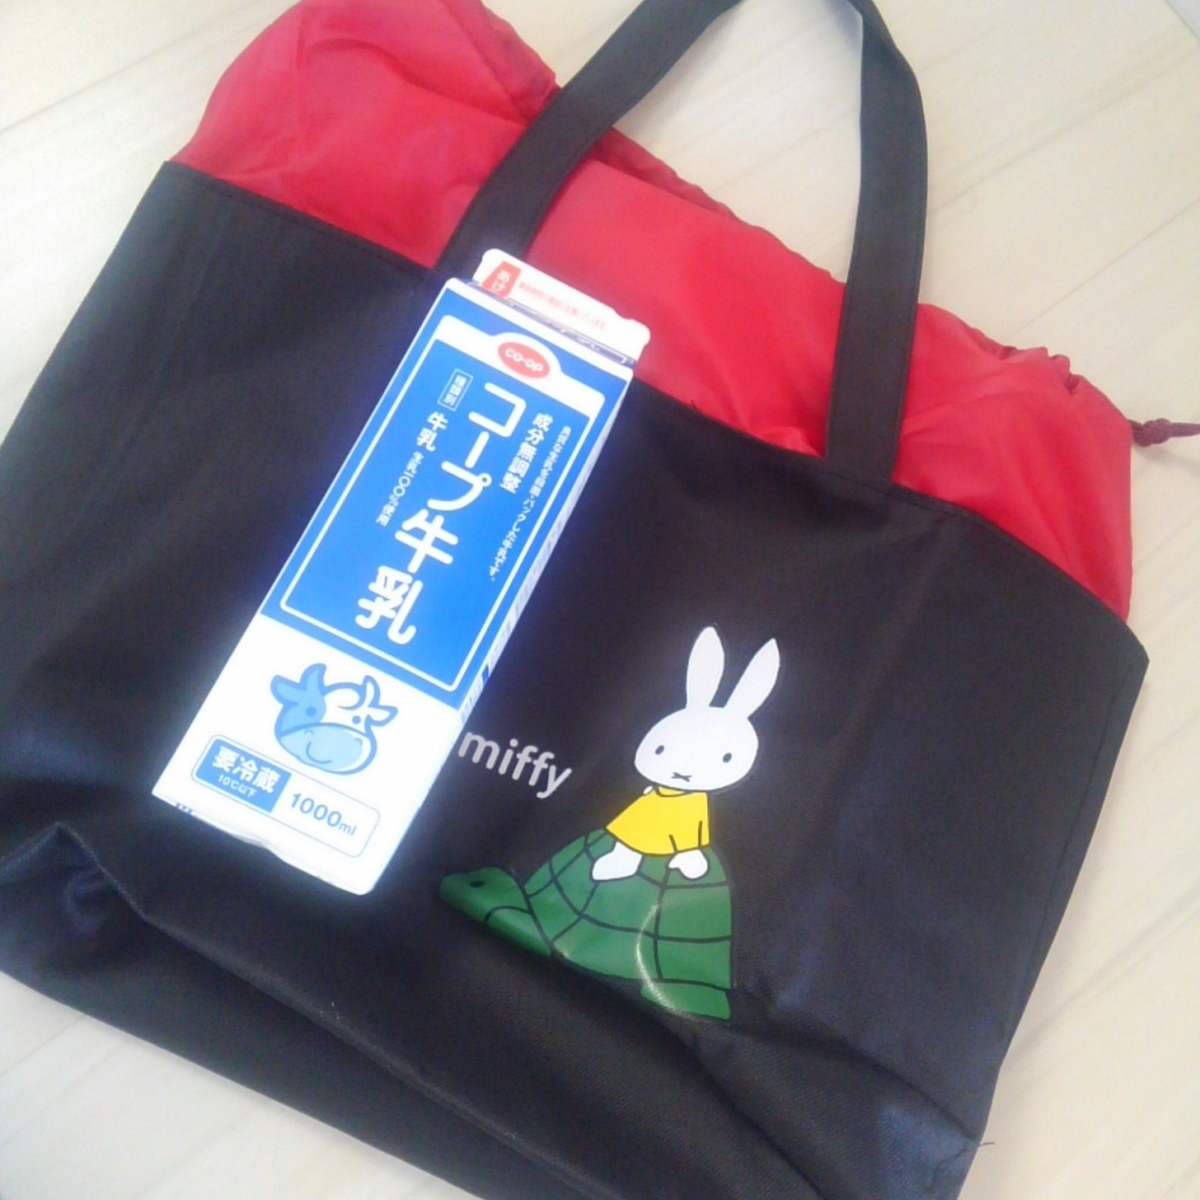 フジパン ミッフィーお買い物トート 2019